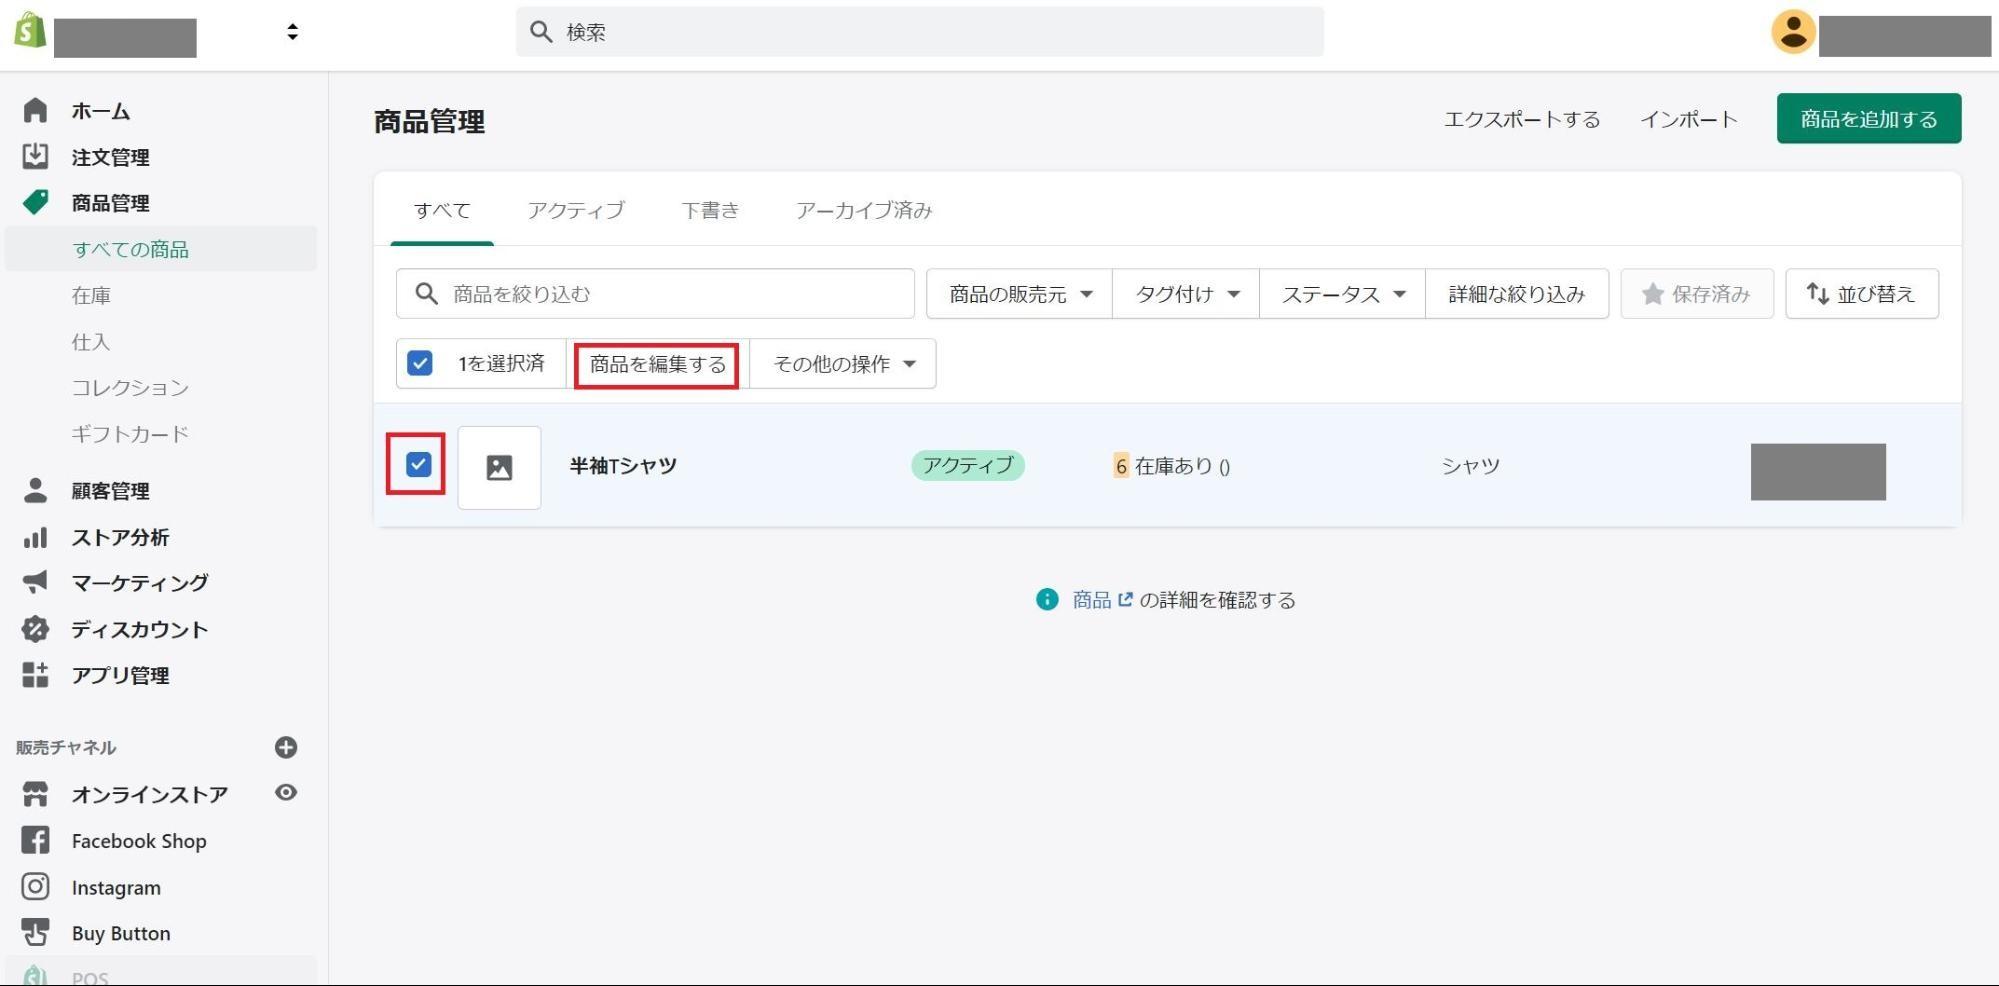 既存商品をShopify POSに追加する